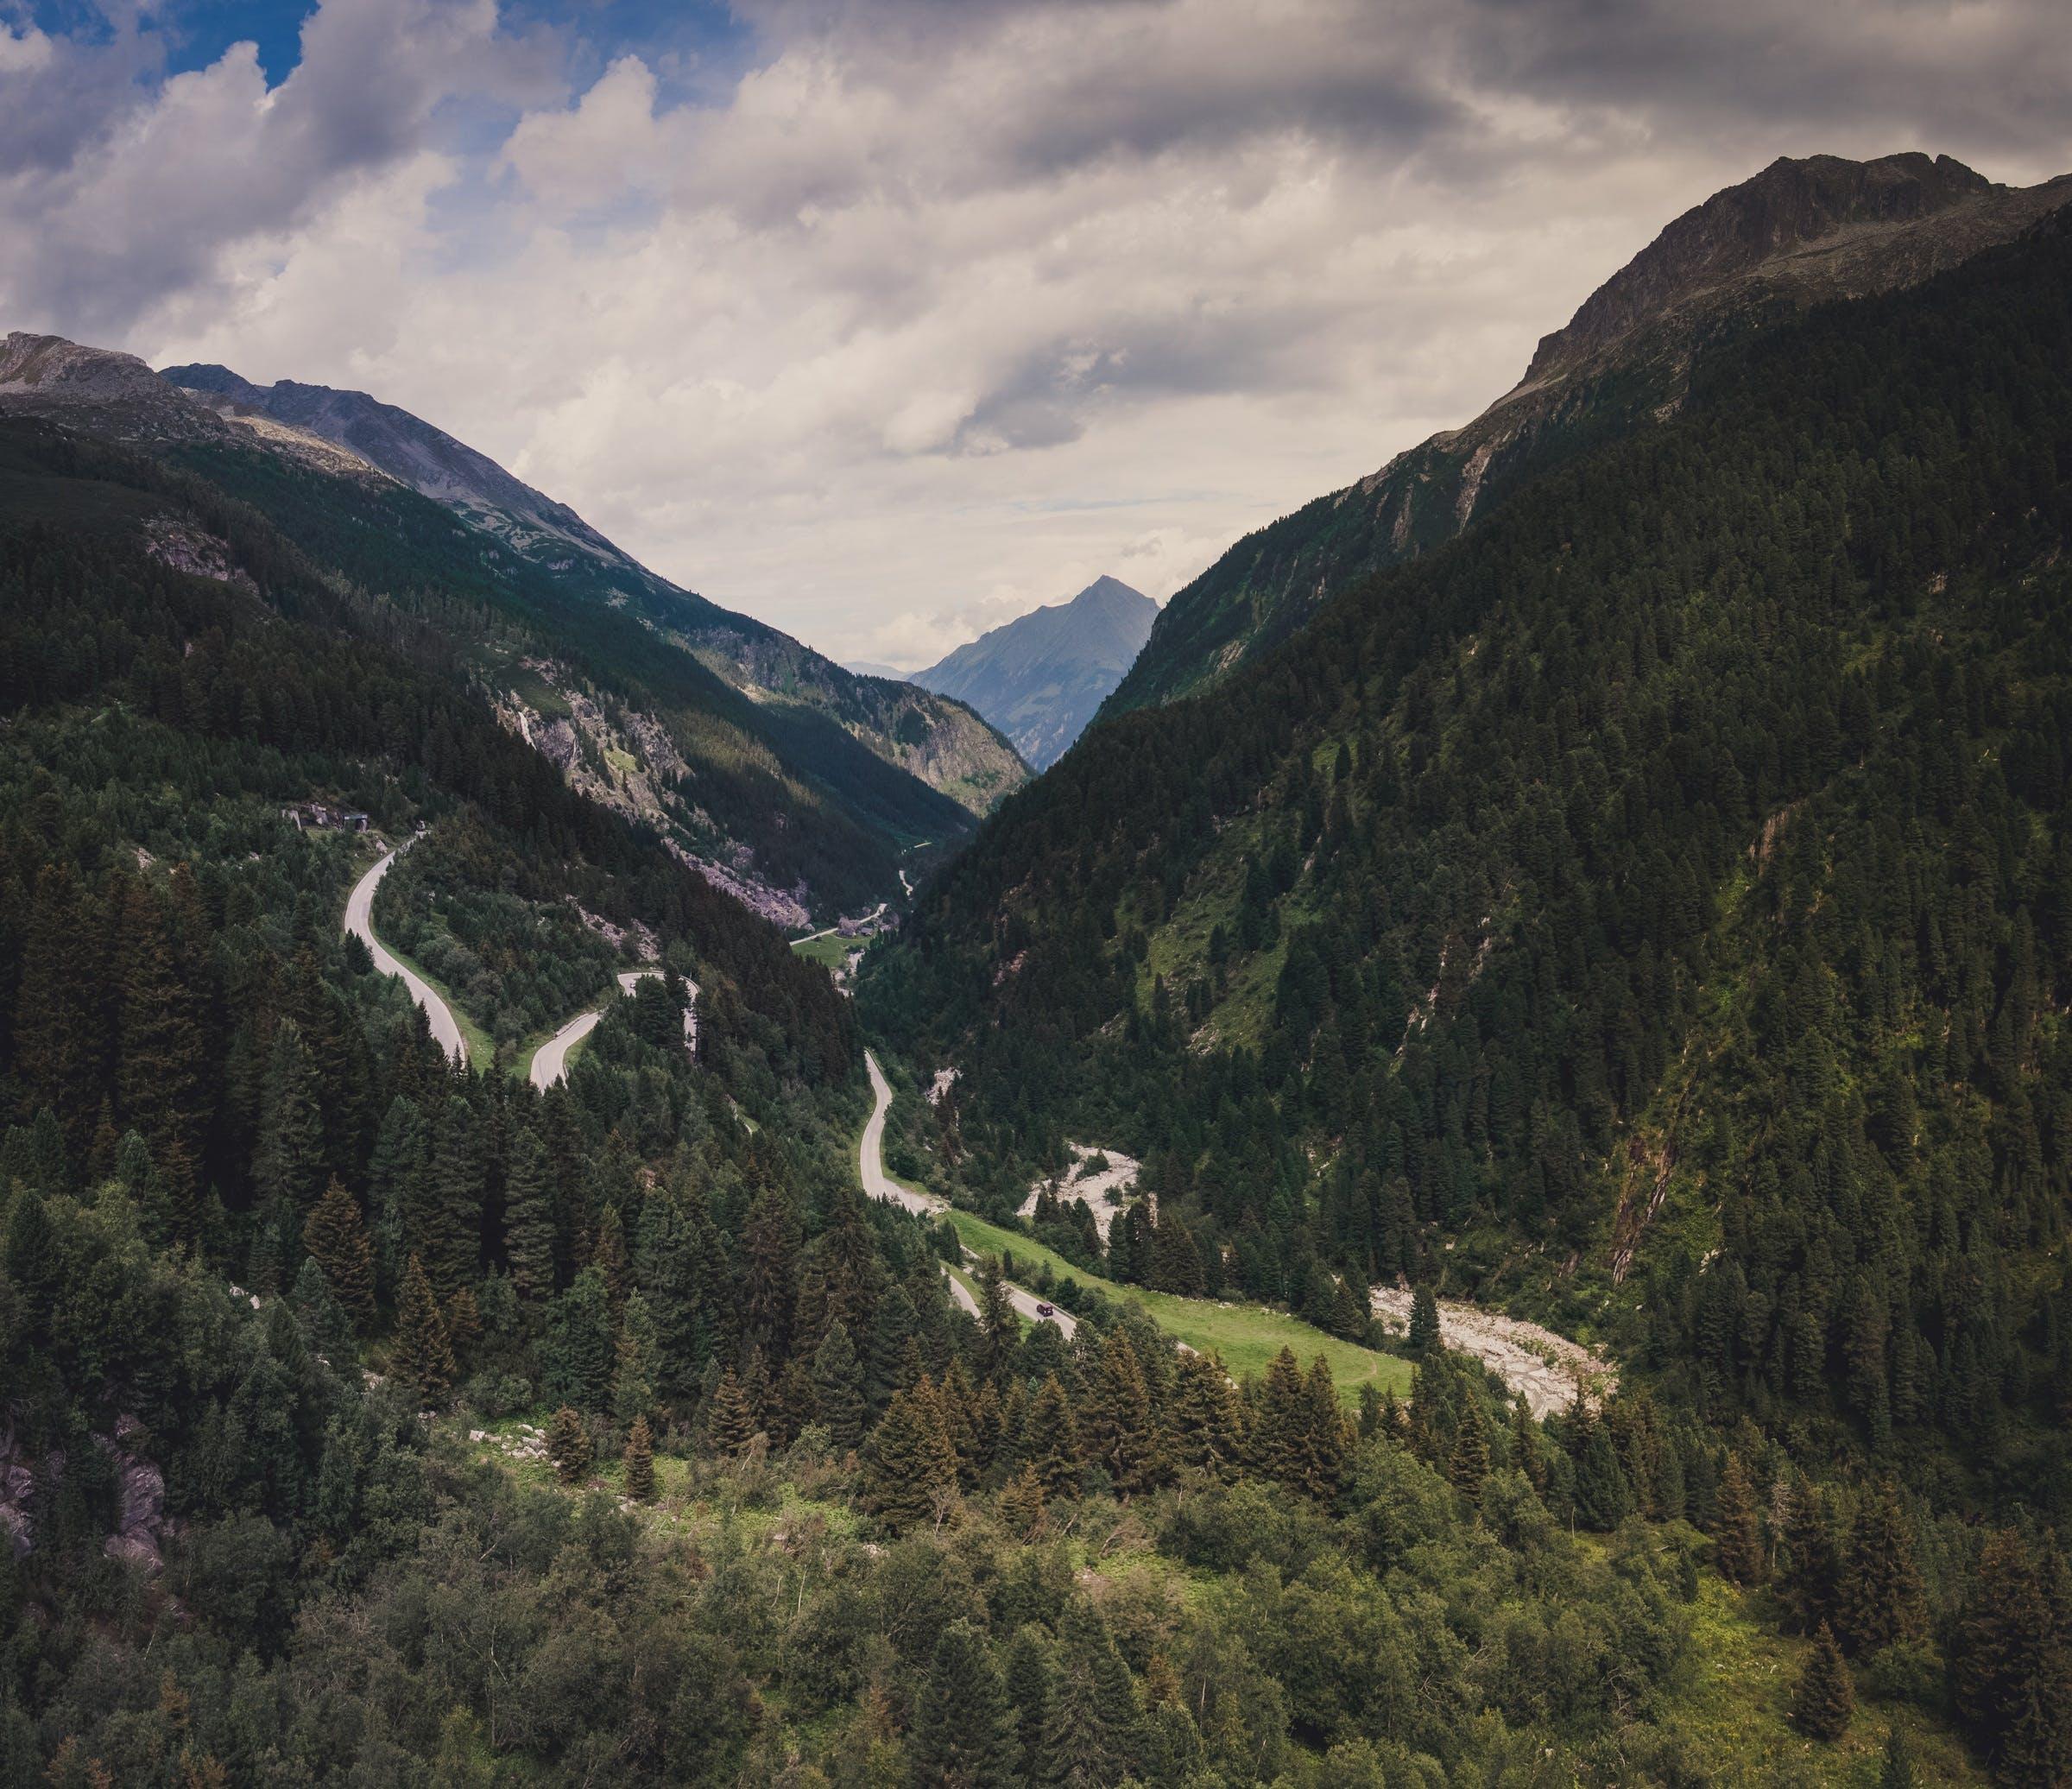 Kostenloses Stock Foto zu straße, verkehr, landschaft, berge